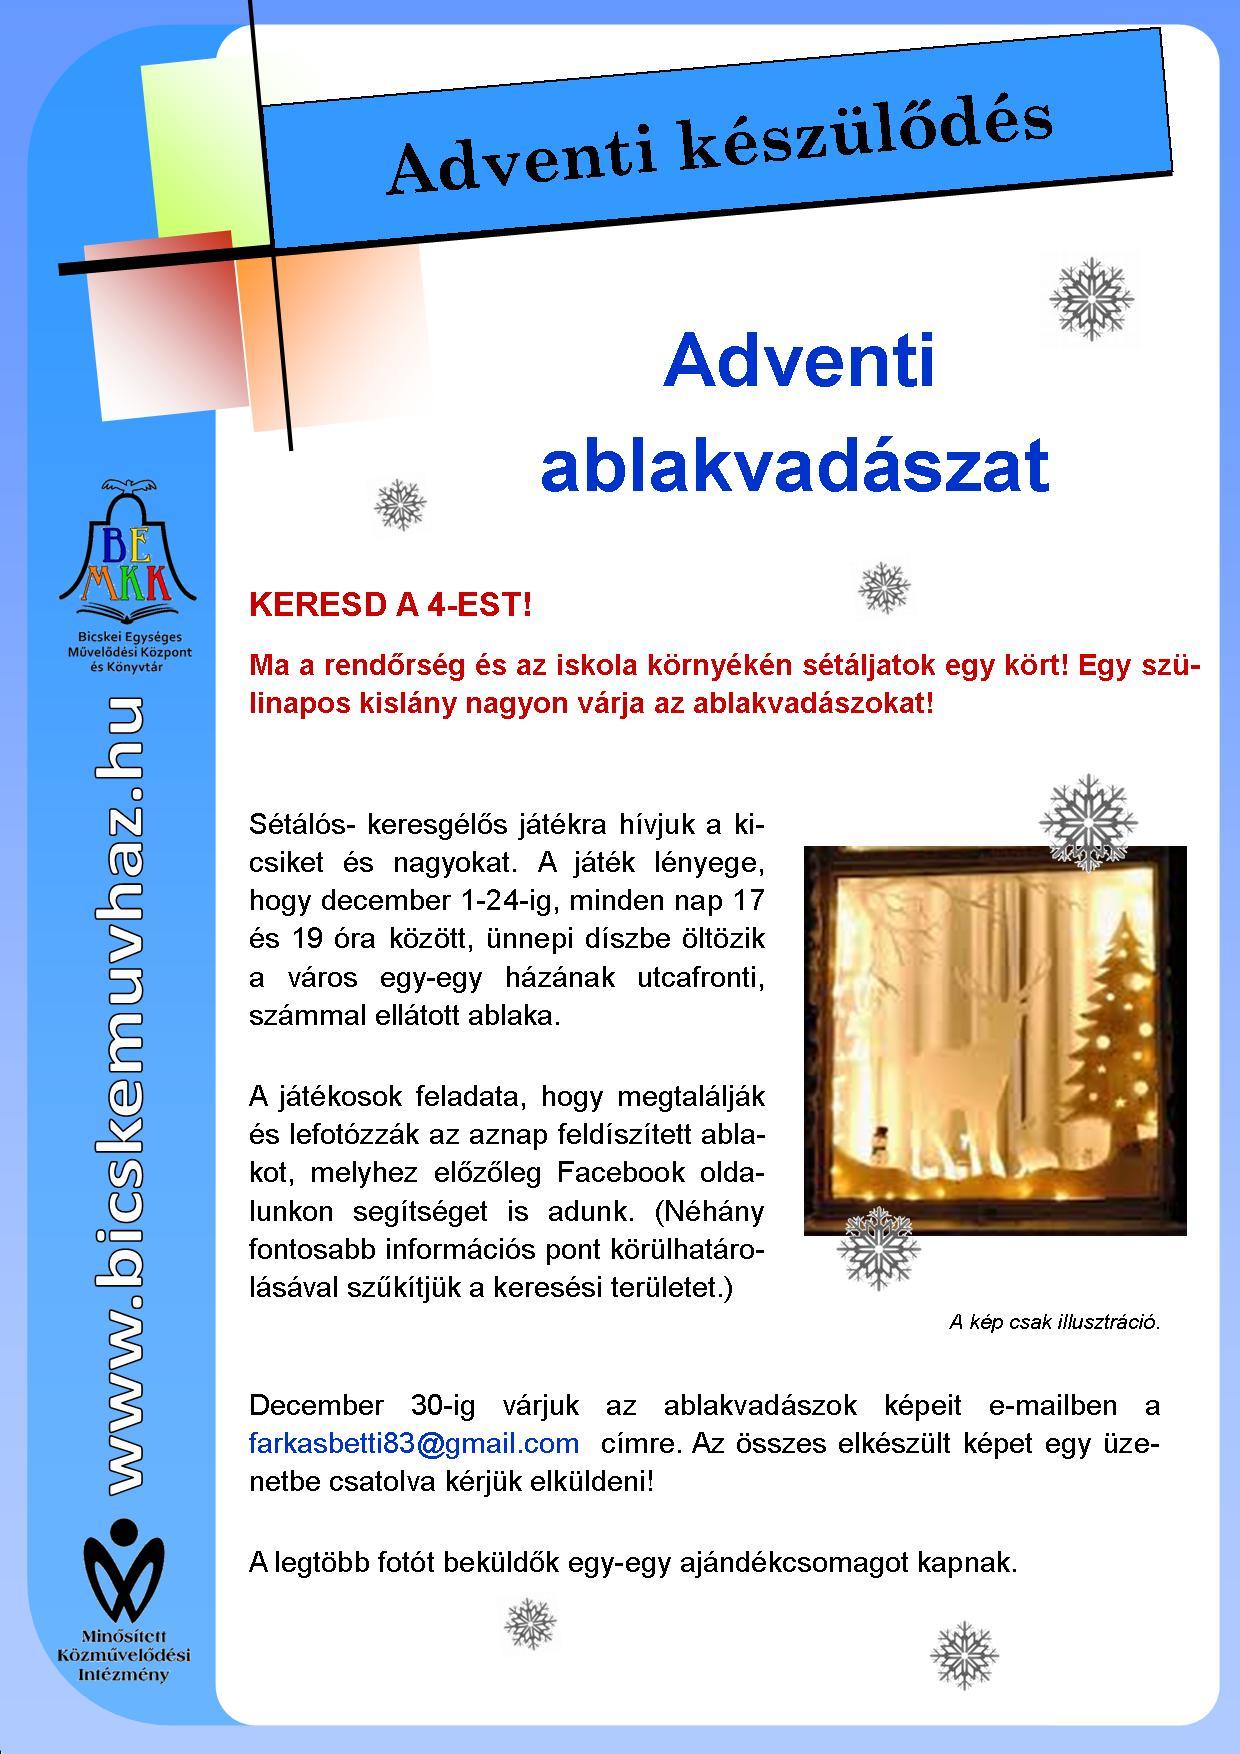 adventi_ablakvadaszat-keresd_a_4-est.jpg